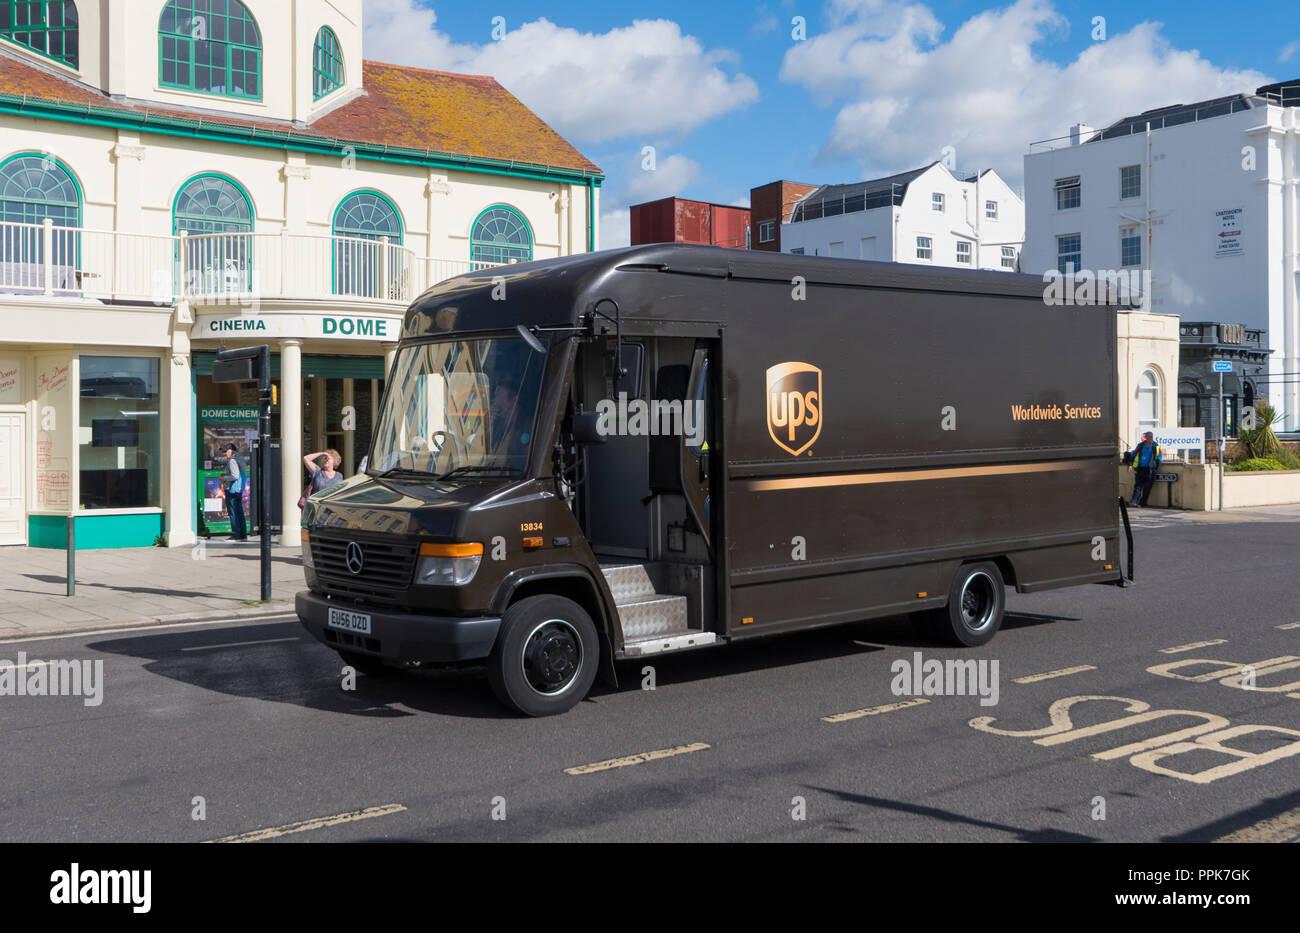 Marrone UPS in tutto il mondo Servizi di consegna pacchi van nel West Sussex, in Inghilterra, Regno Unito. Immagini Stock